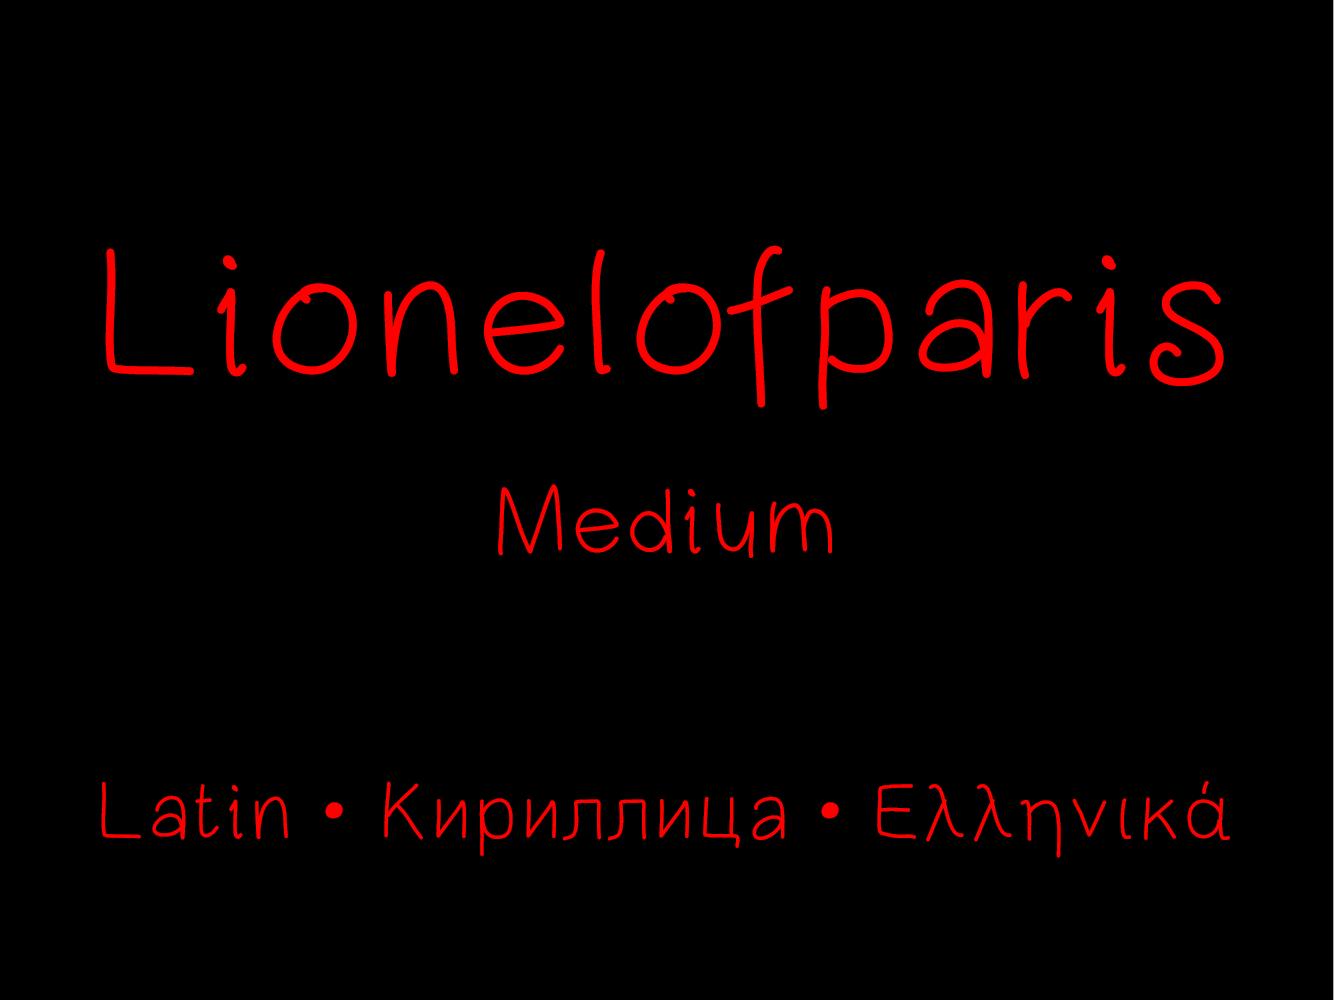 Lionelofparis